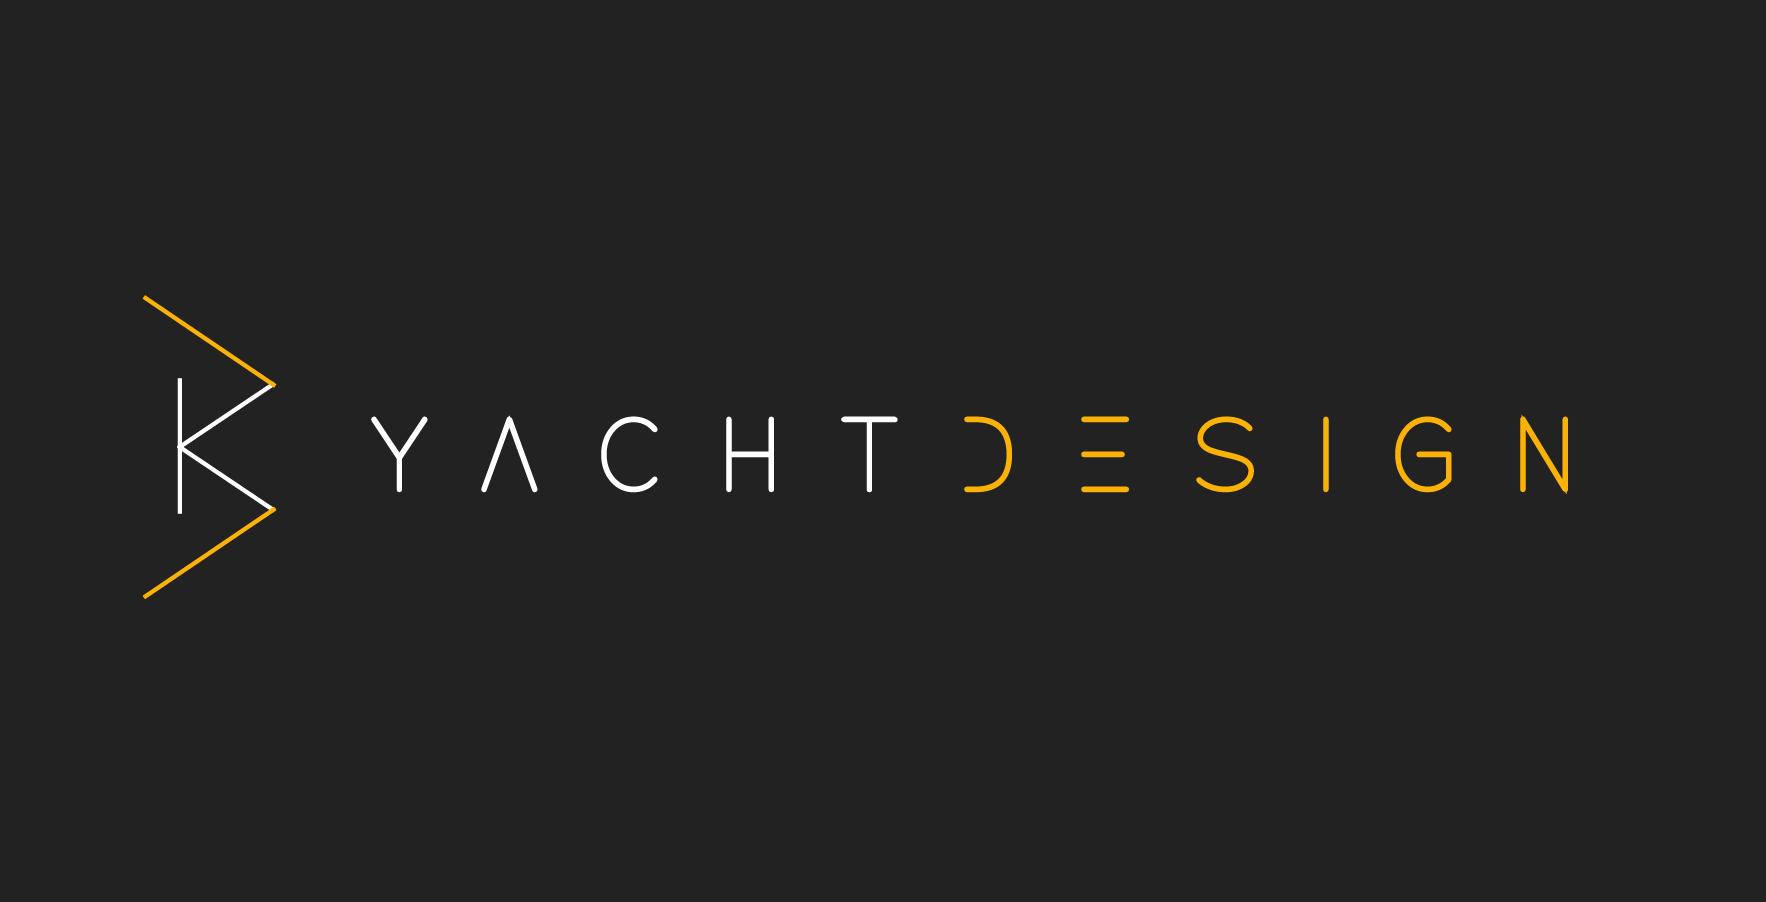 BK YACHT DESIGN_LOGO